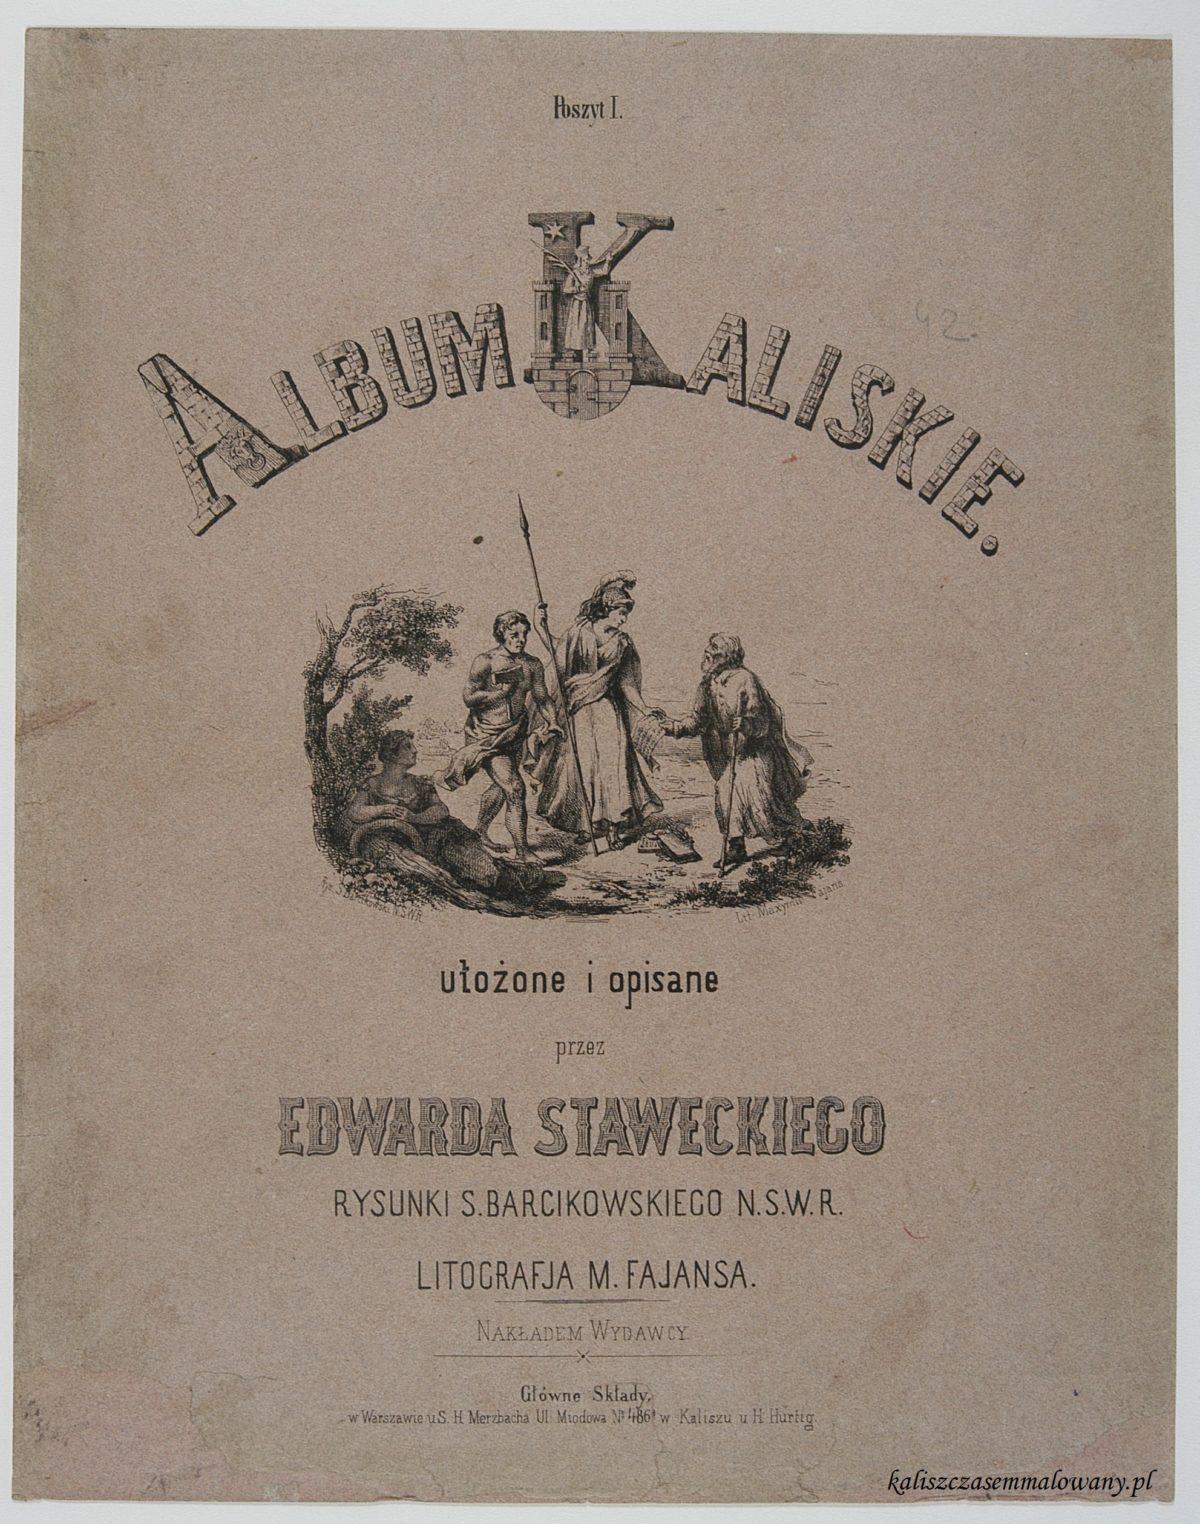 Albumy Kaliskie ułożone i opisane przez Edwarda Staweckiego